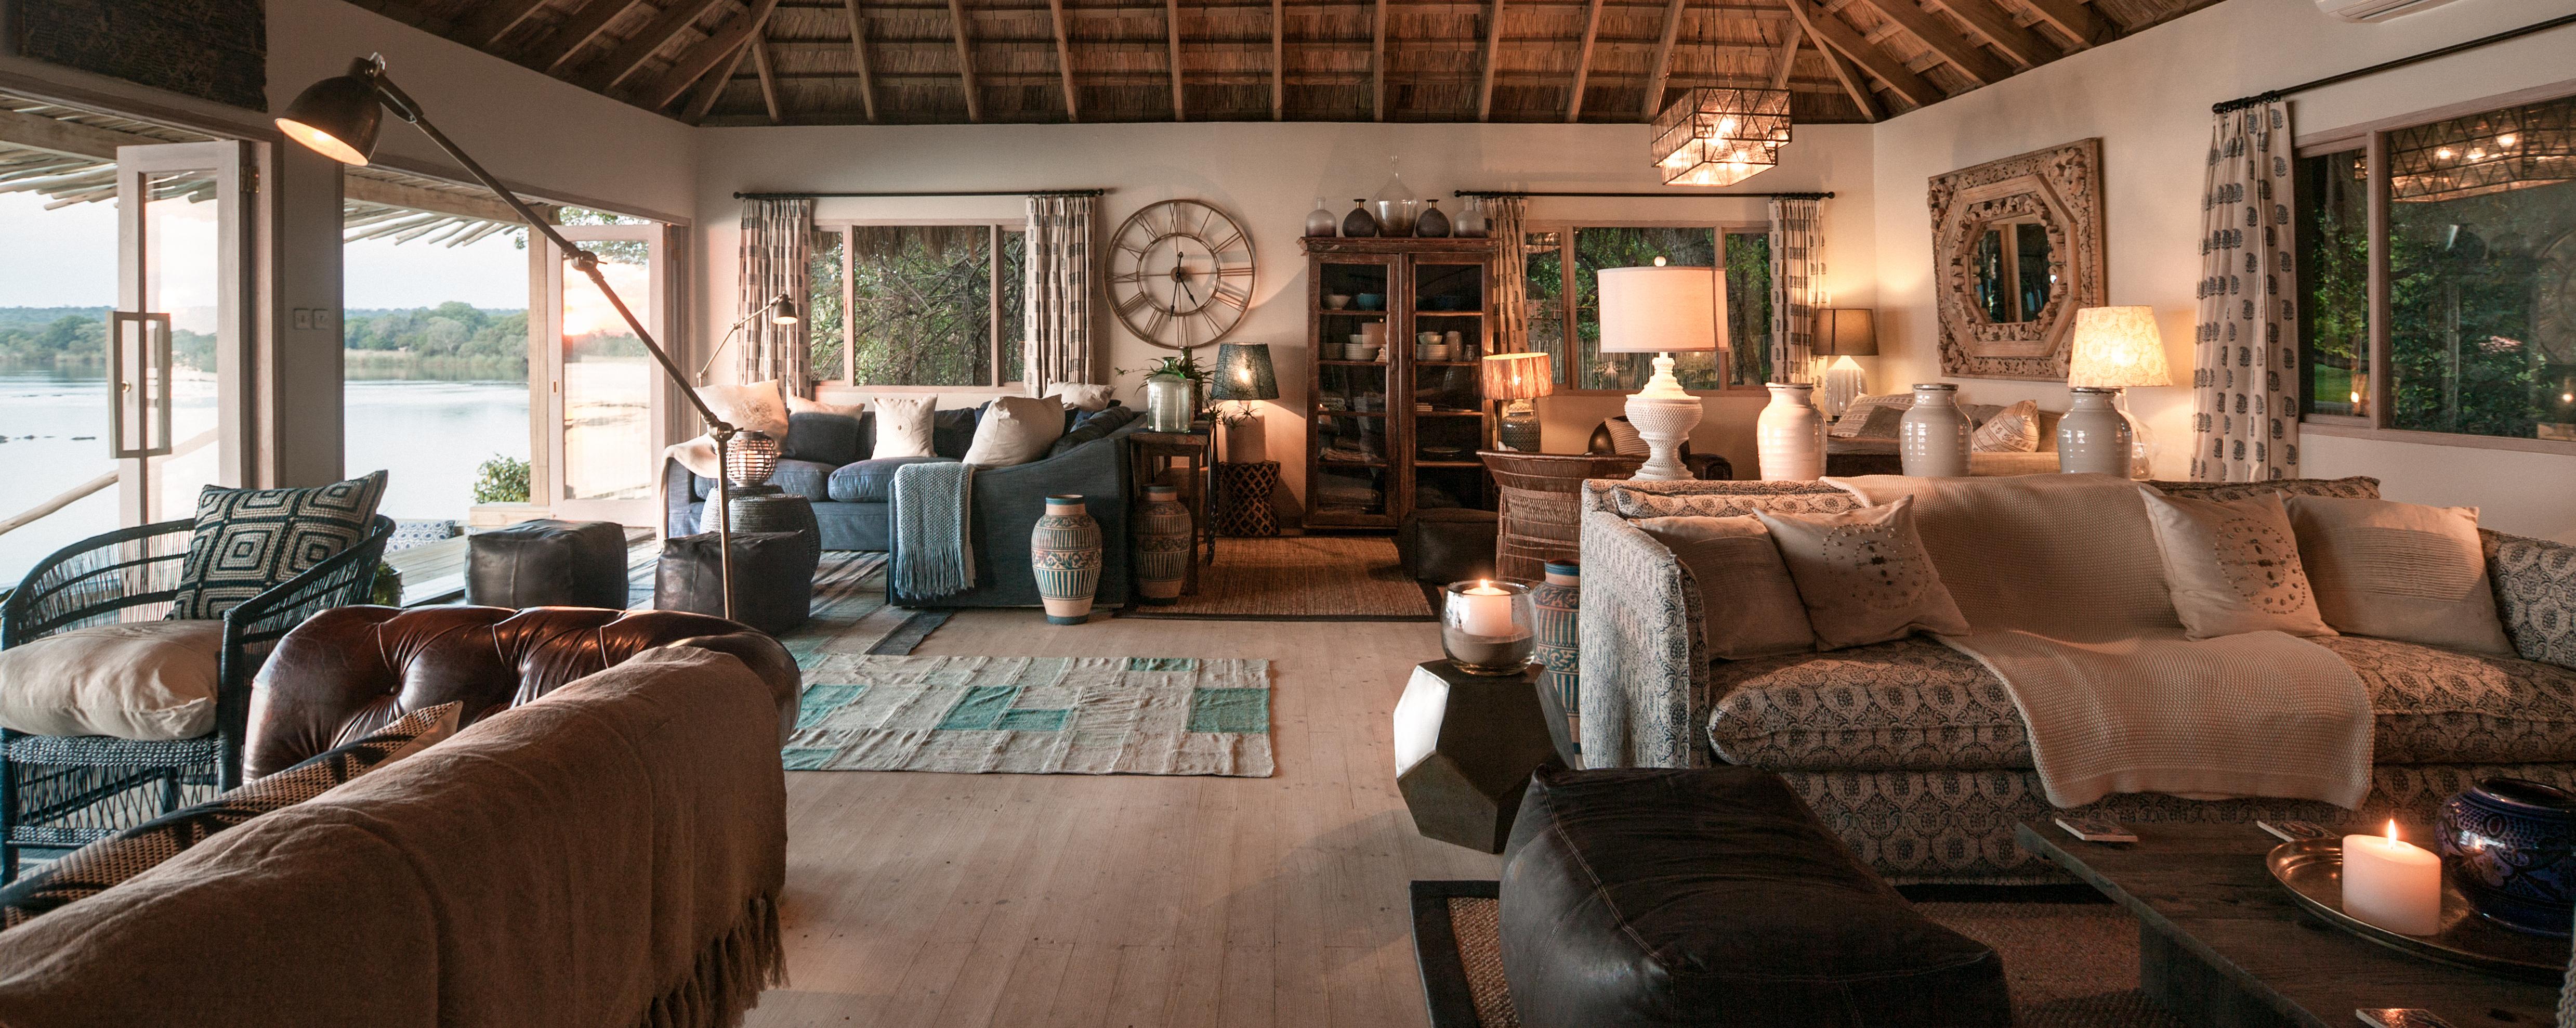 tongabezi-lodge-riverside-lounge